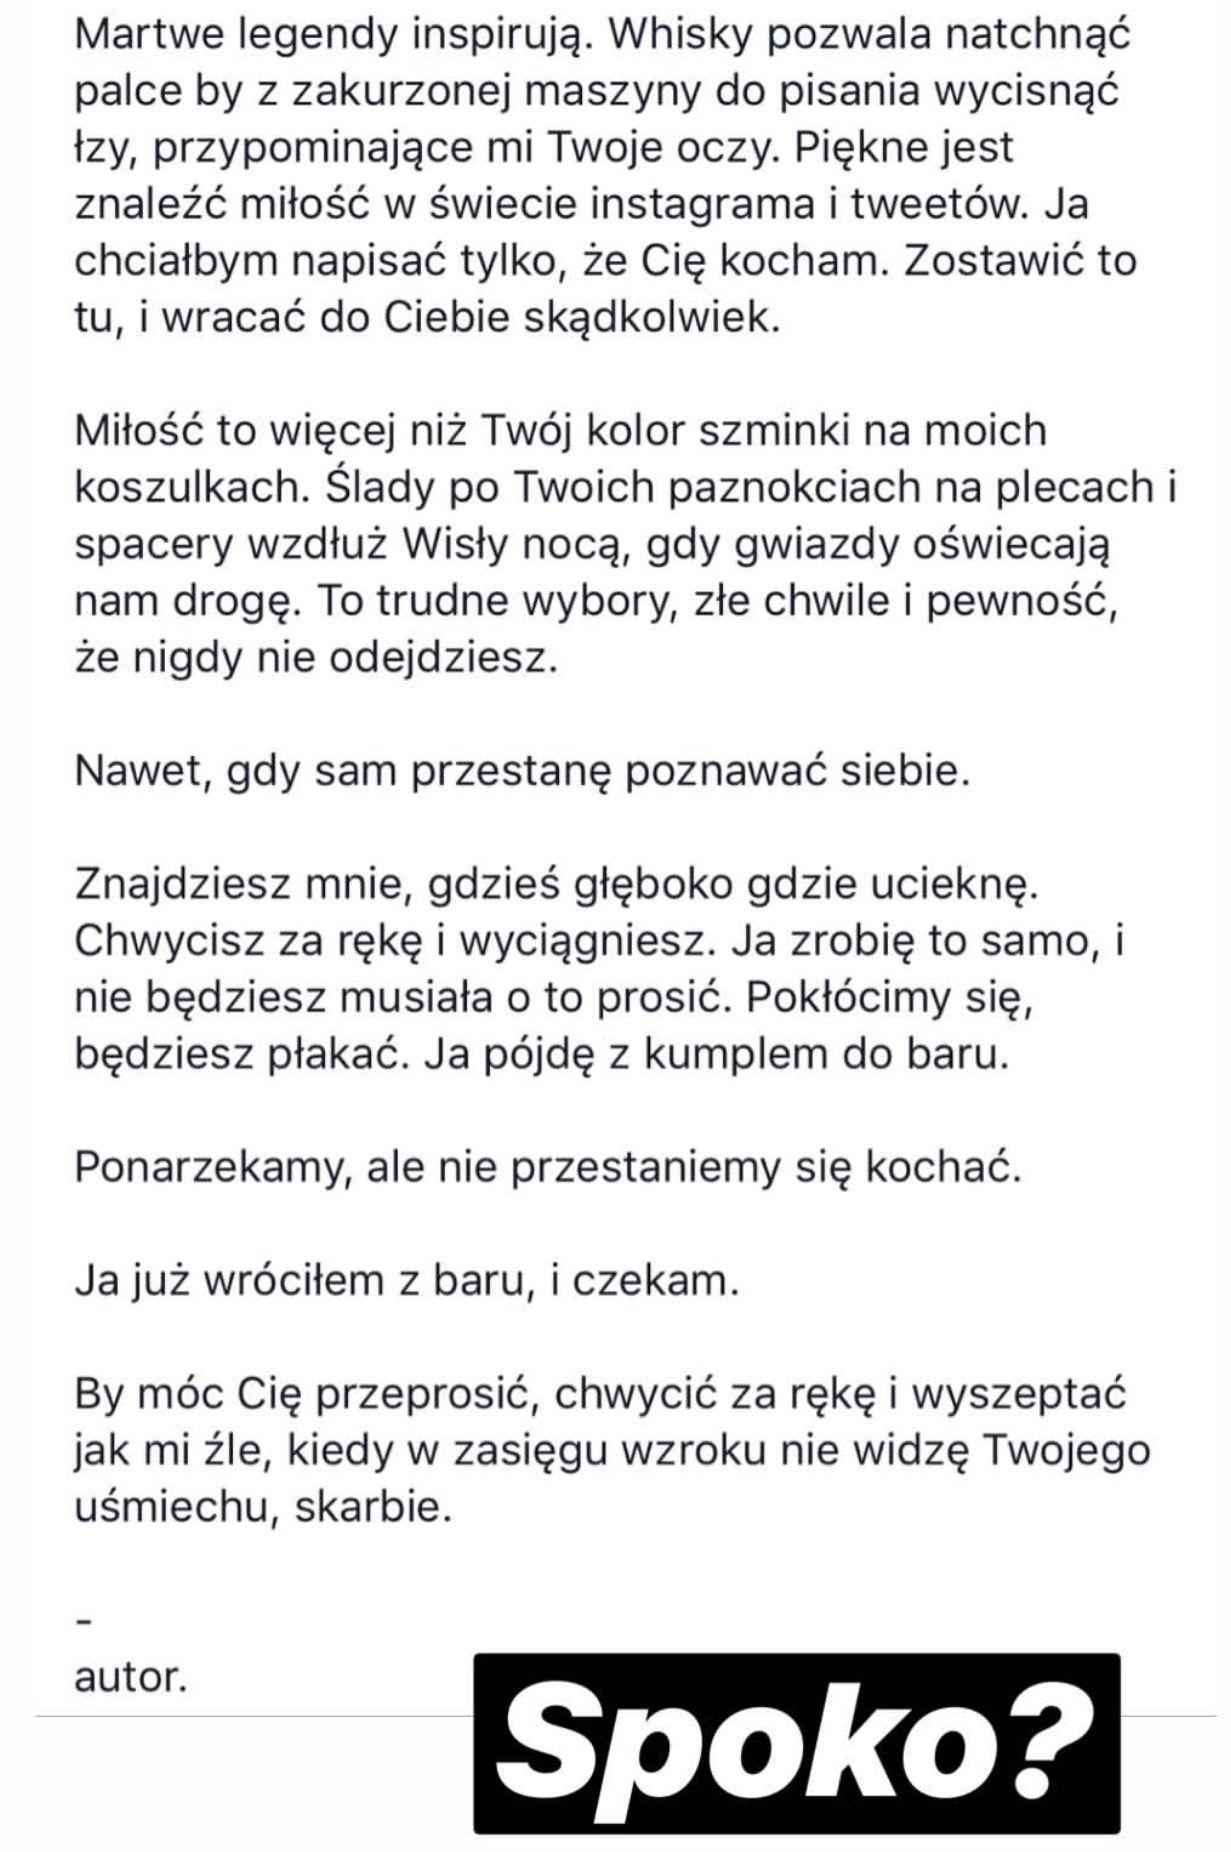 Pin By Leospies On Int In 2020 Cytaty Zyciowe Cytaty Pisanie